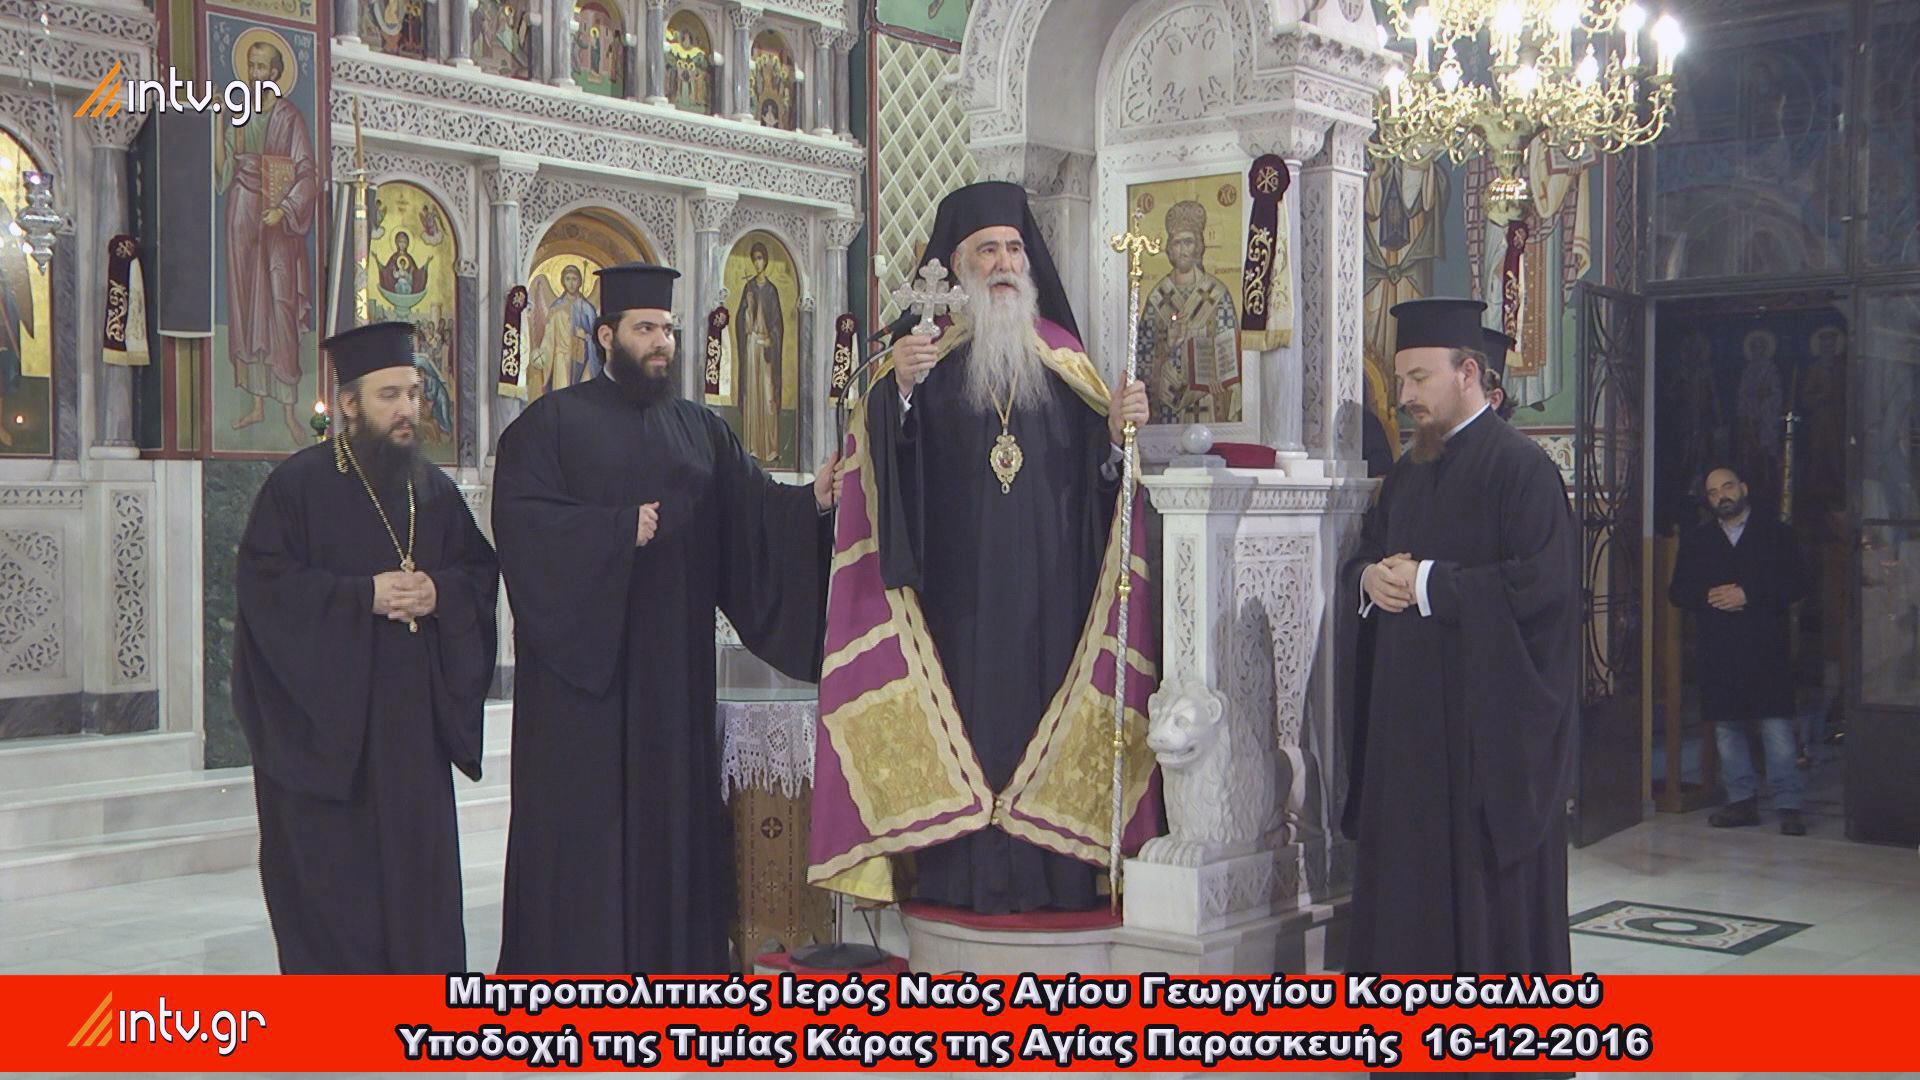 Μητροπολιτικός Ιερός Ναός Αγίου Γεωργίου Κορυδαλλού Υποδοχή της Τιμίας Κάρας της Αγίας Παρασκευής